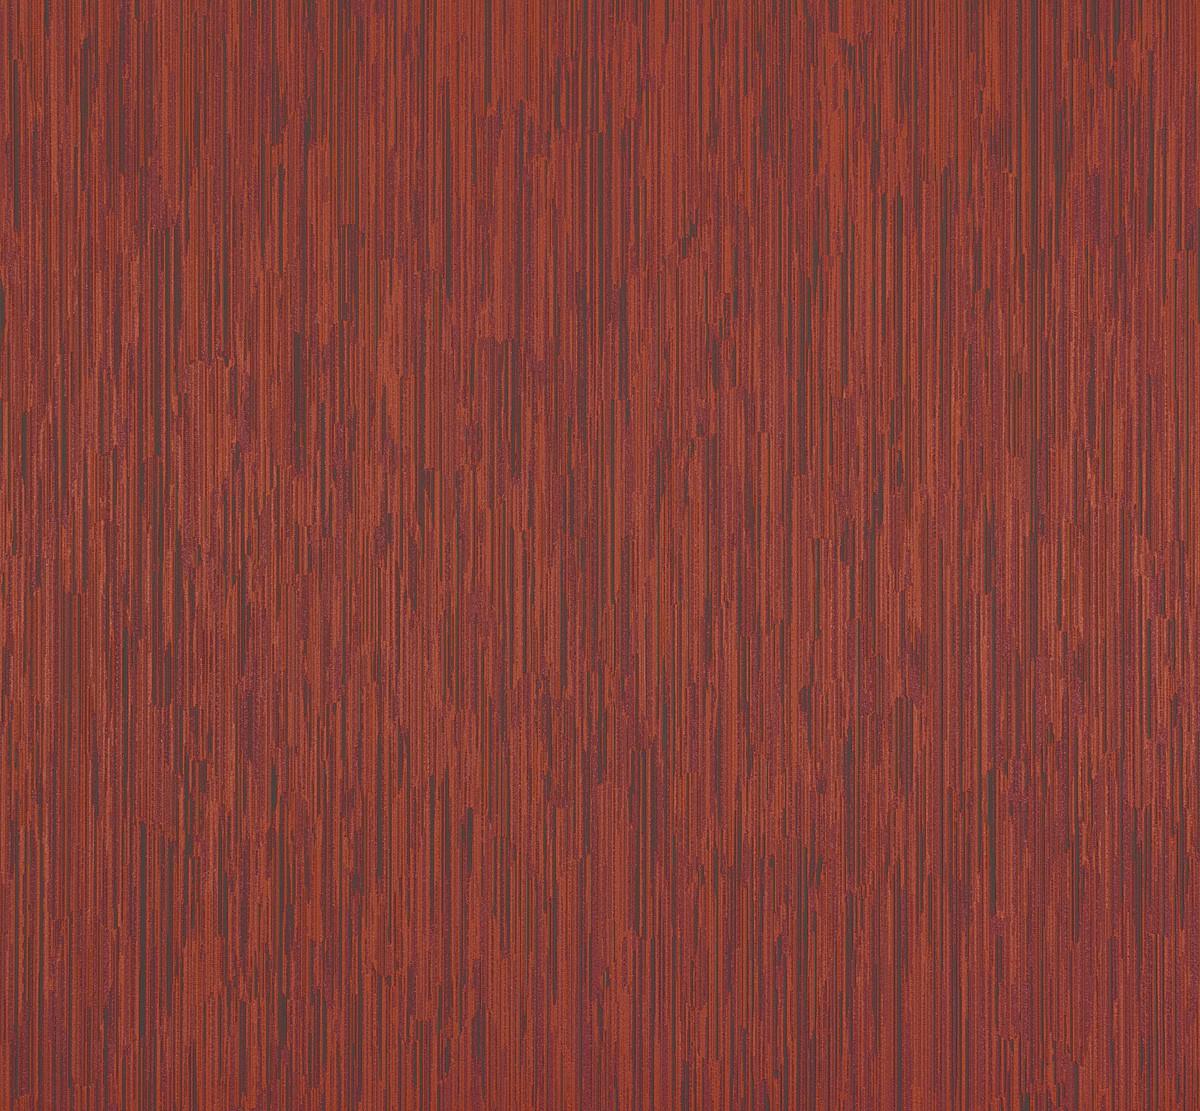 vliestapete braun rot streifen marburg 56927. Black Bedroom Furniture Sets. Home Design Ideas